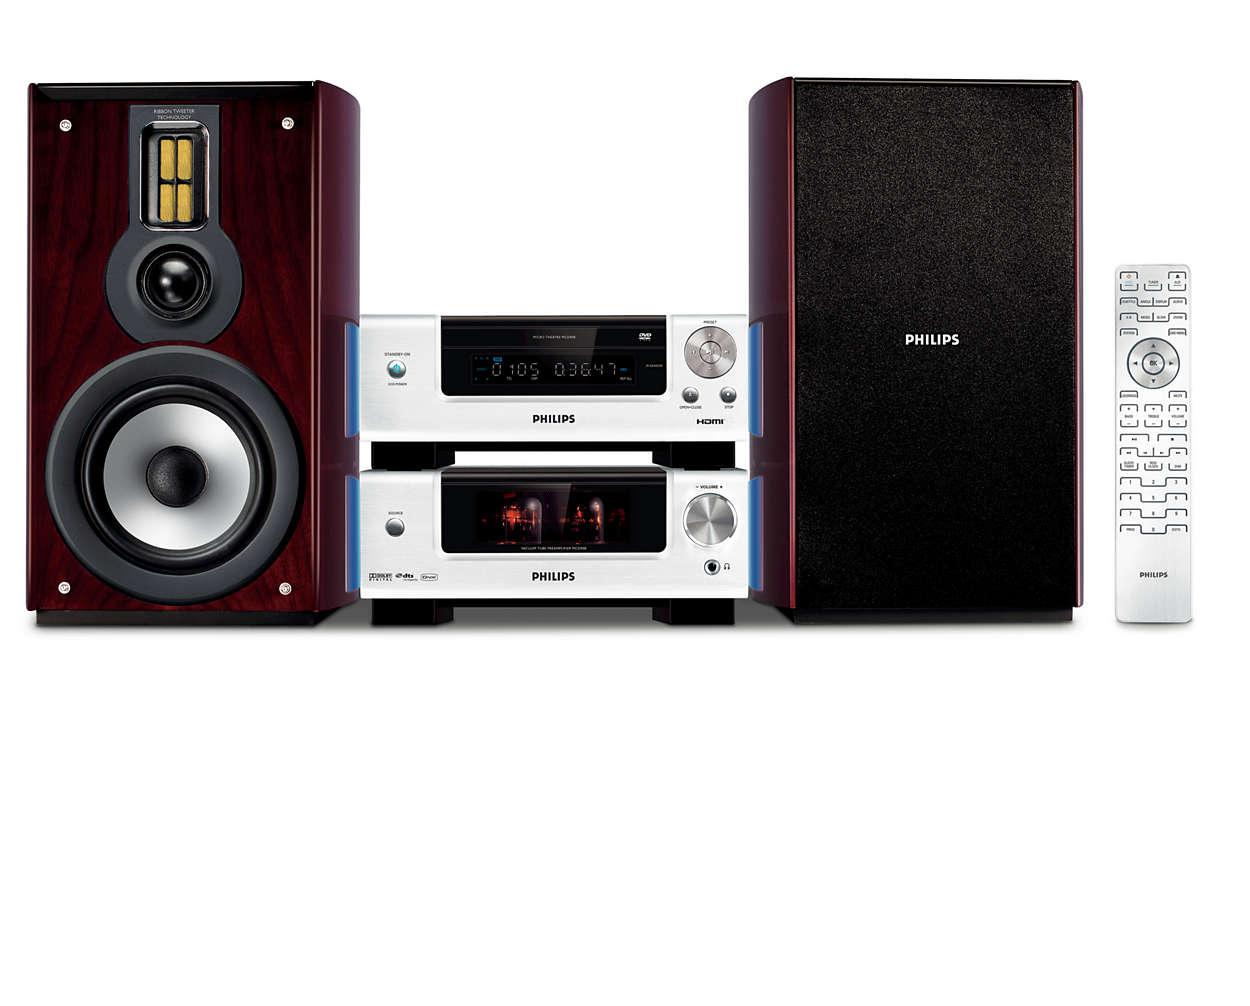 HiFi-ljud i en kompakt lösning